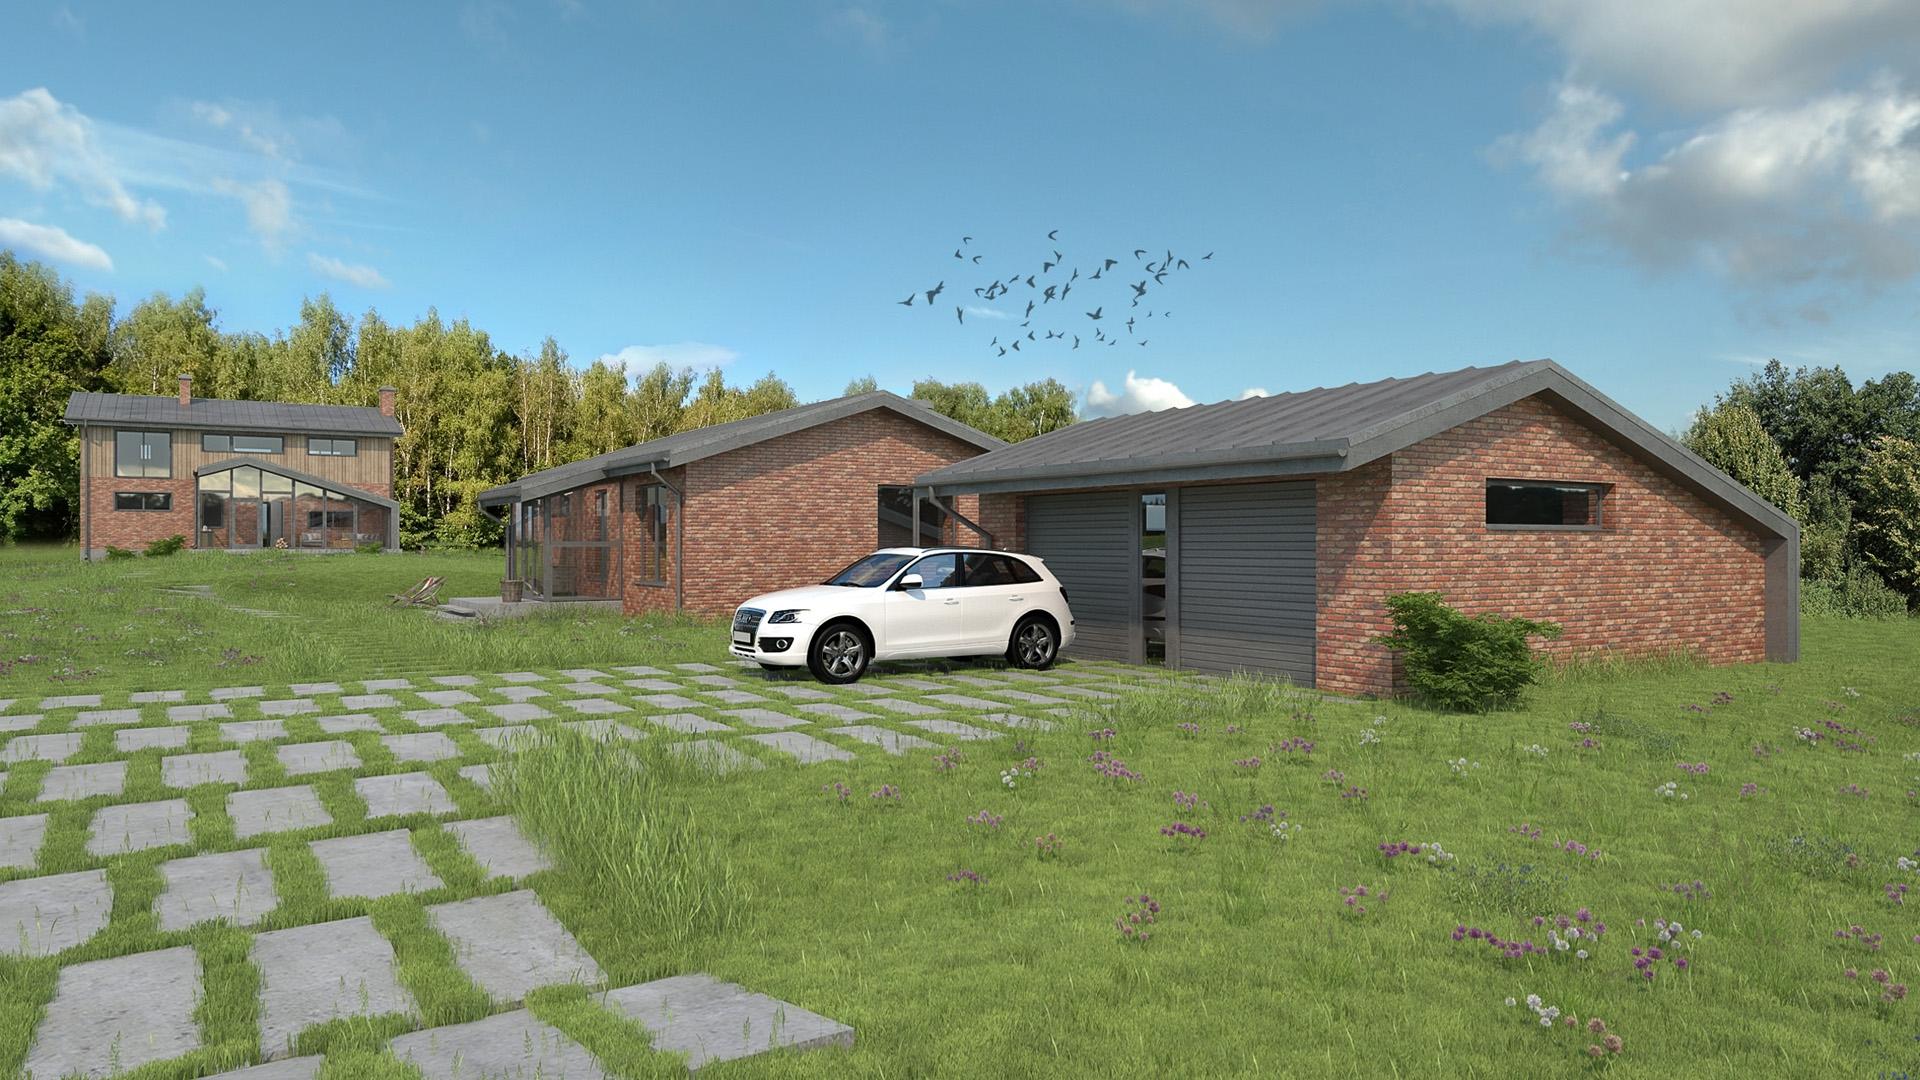 Изображение для проекта Современное поместье для большой семьи 2168